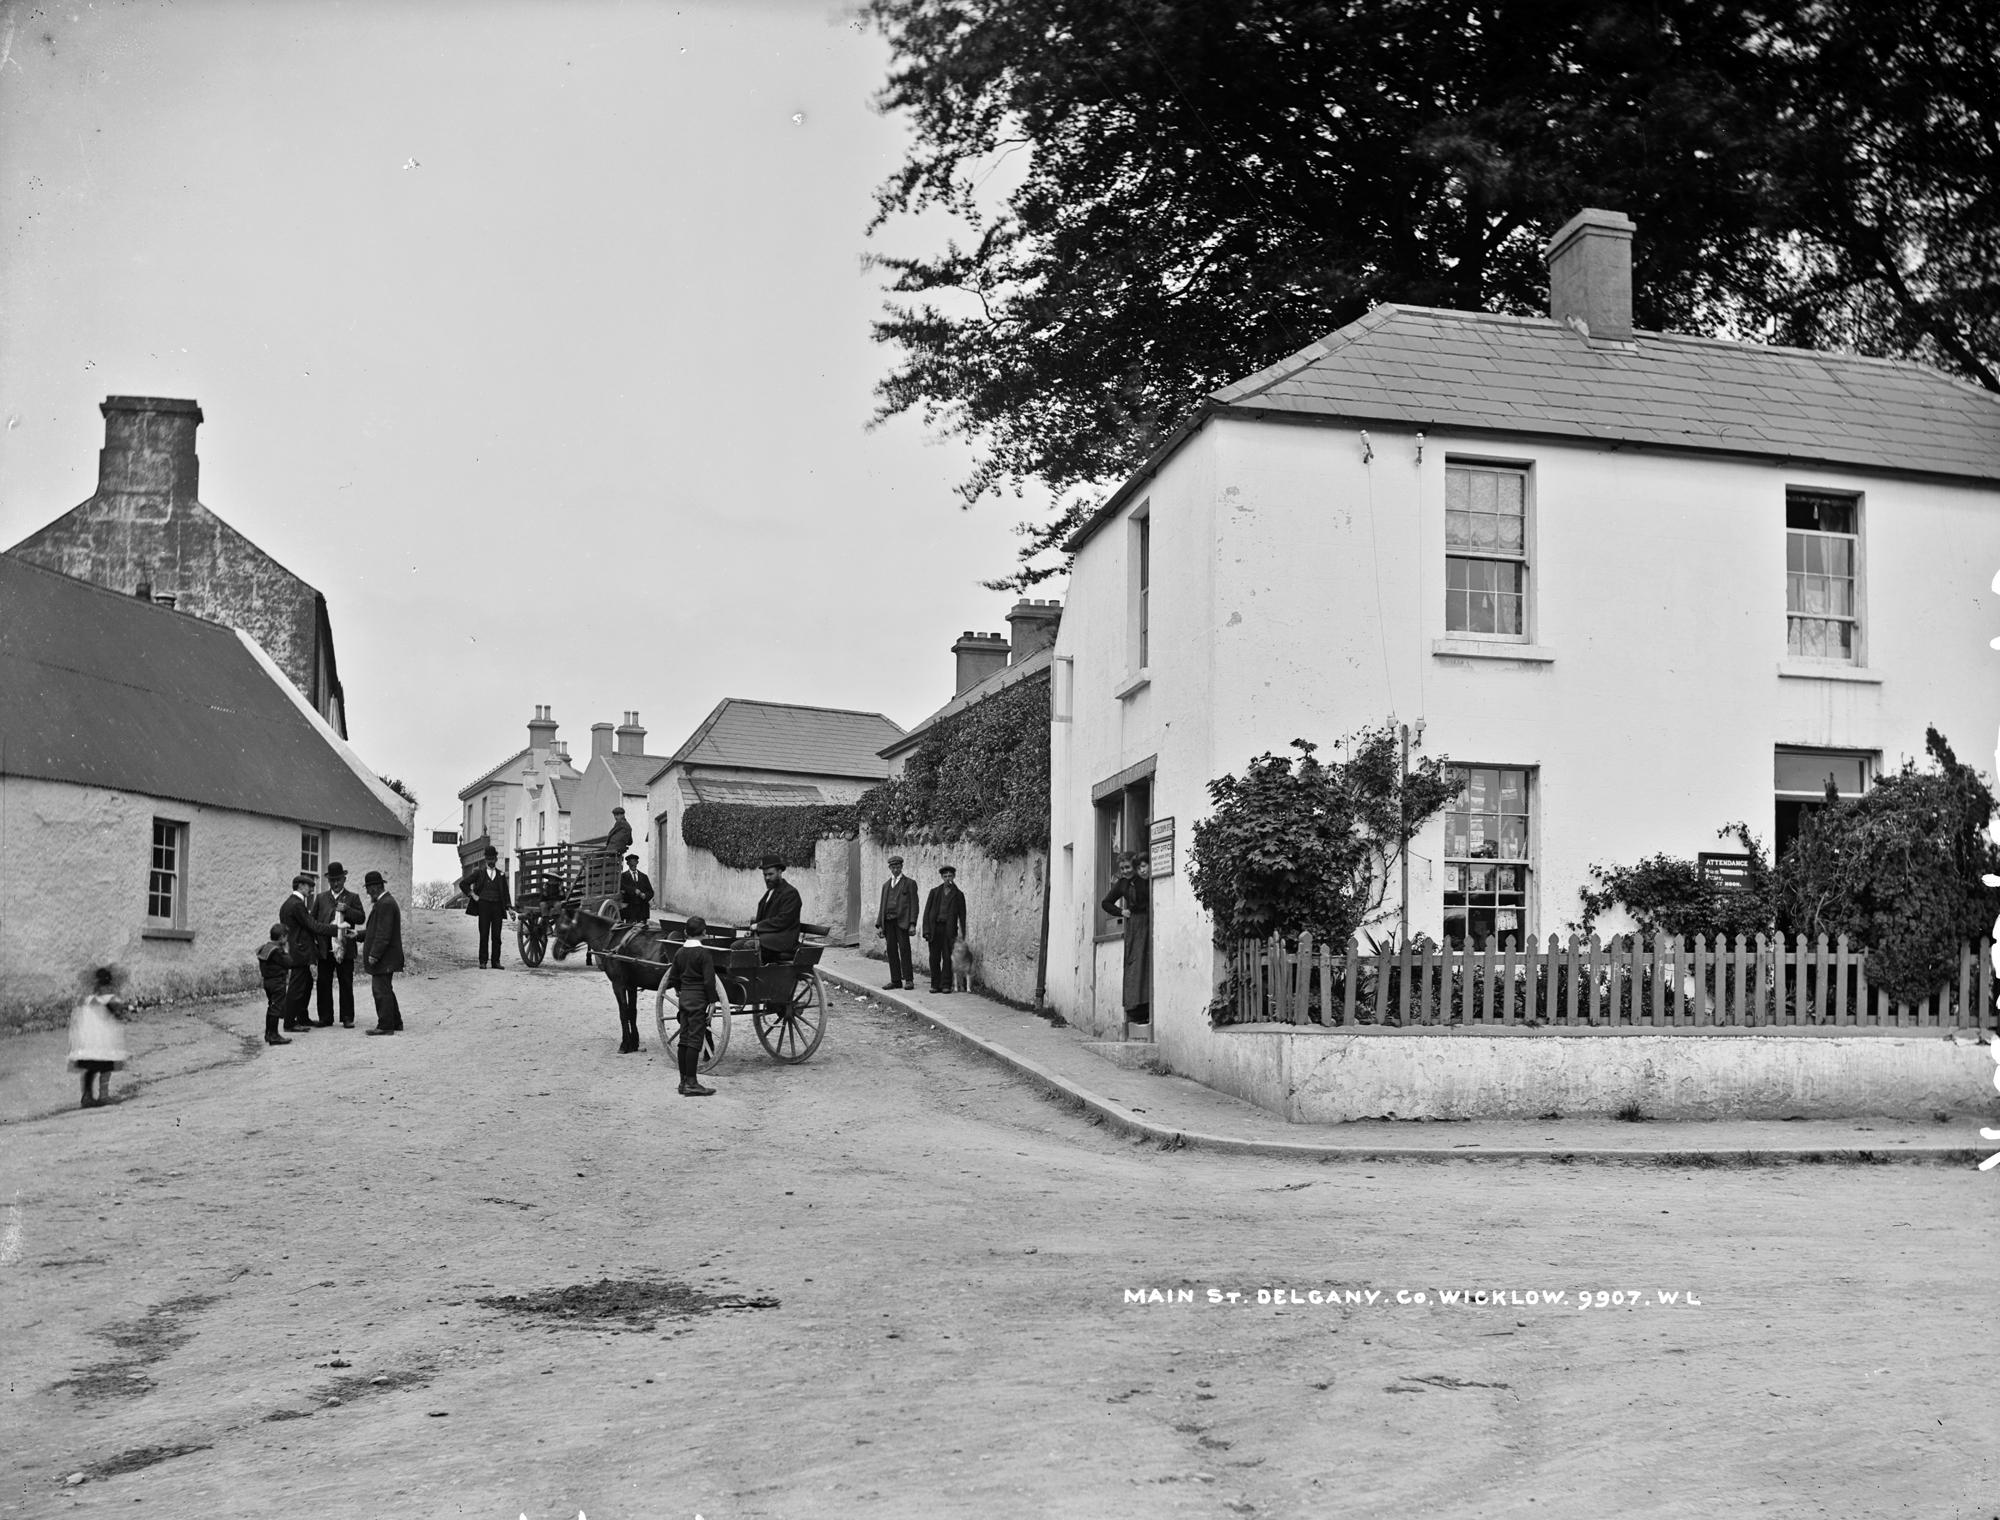 Traffic Jam in Main Street, Delgany, Co. Wicklow